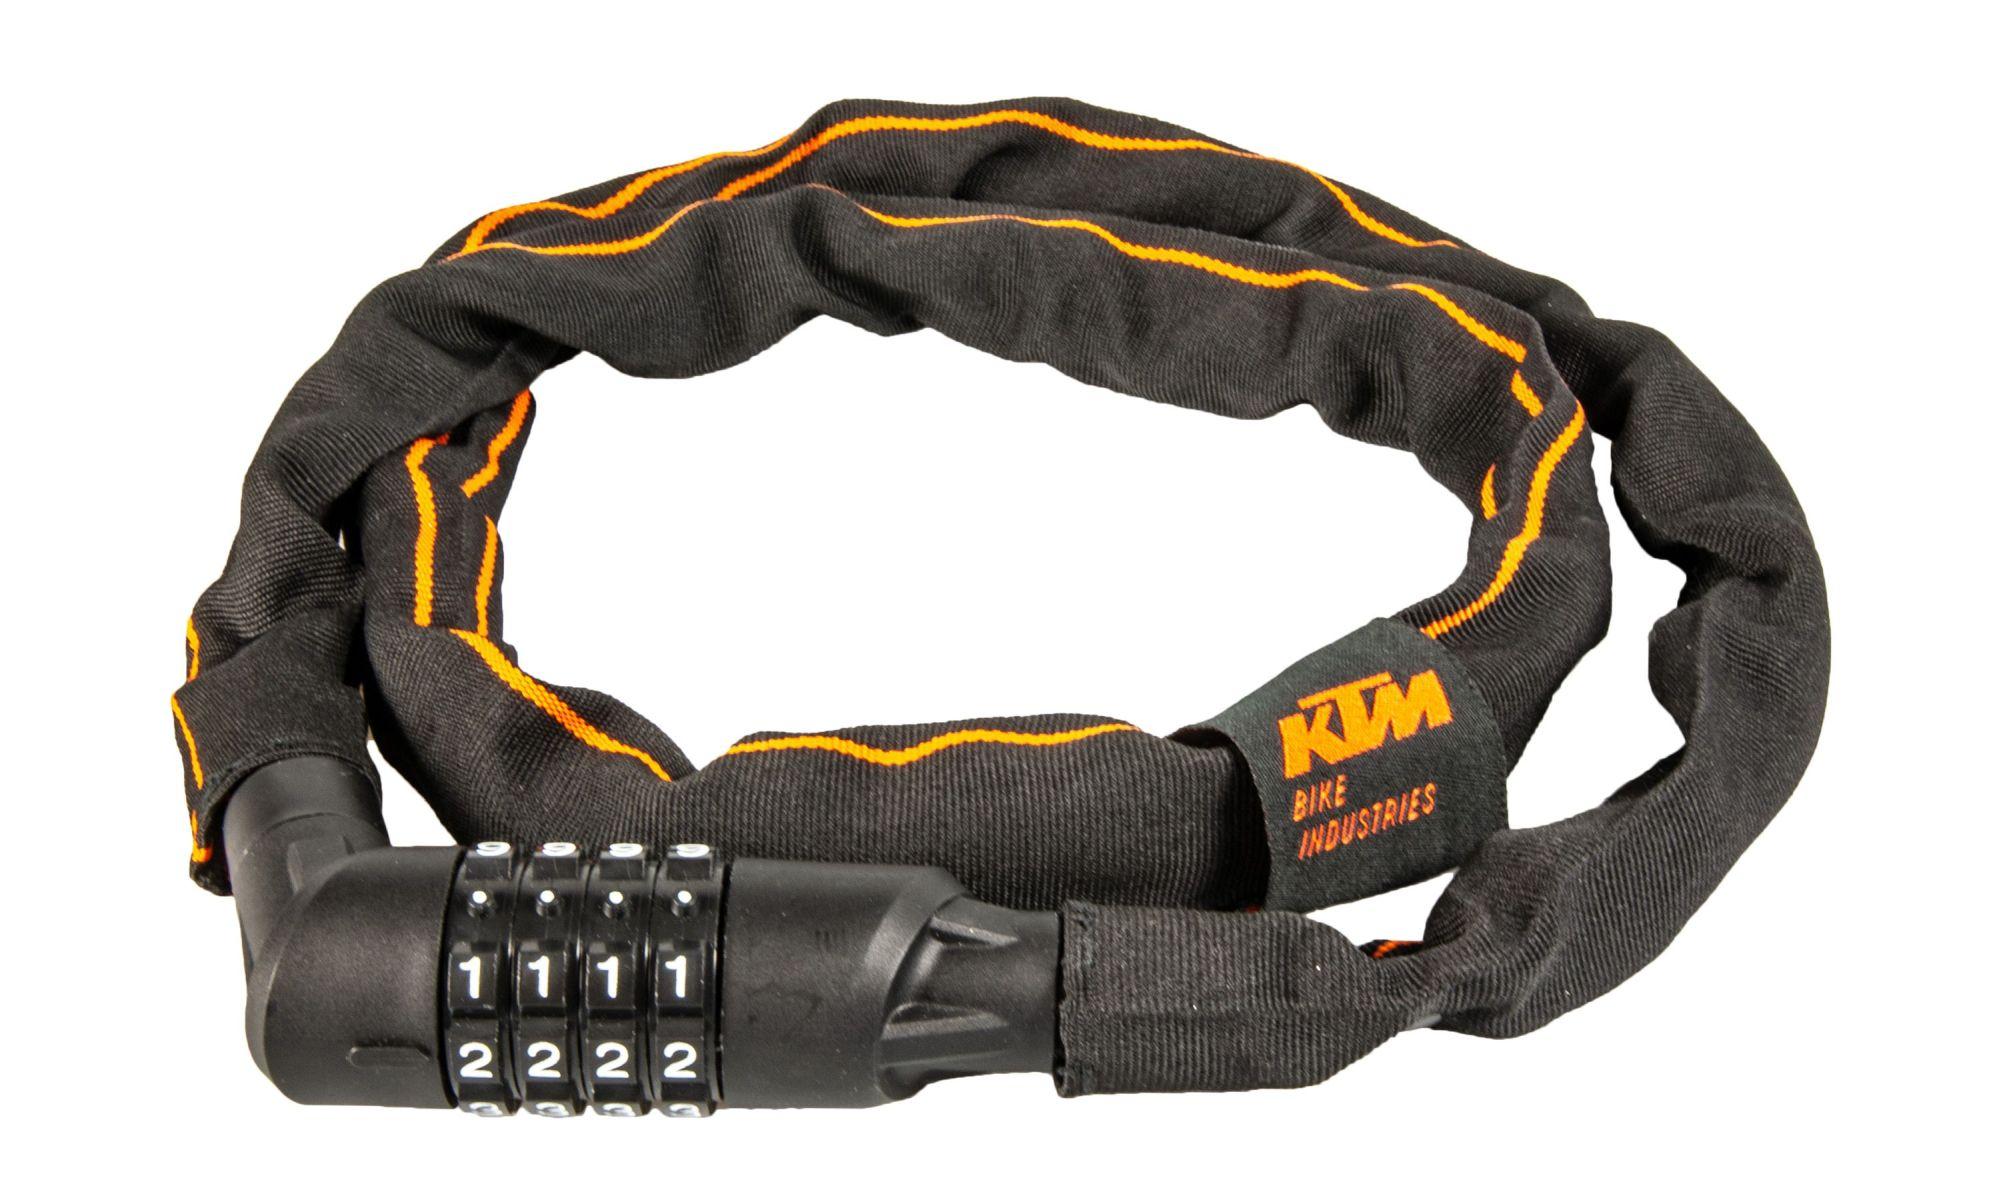 KTM Kettenschloss Pro Chain Lock Code